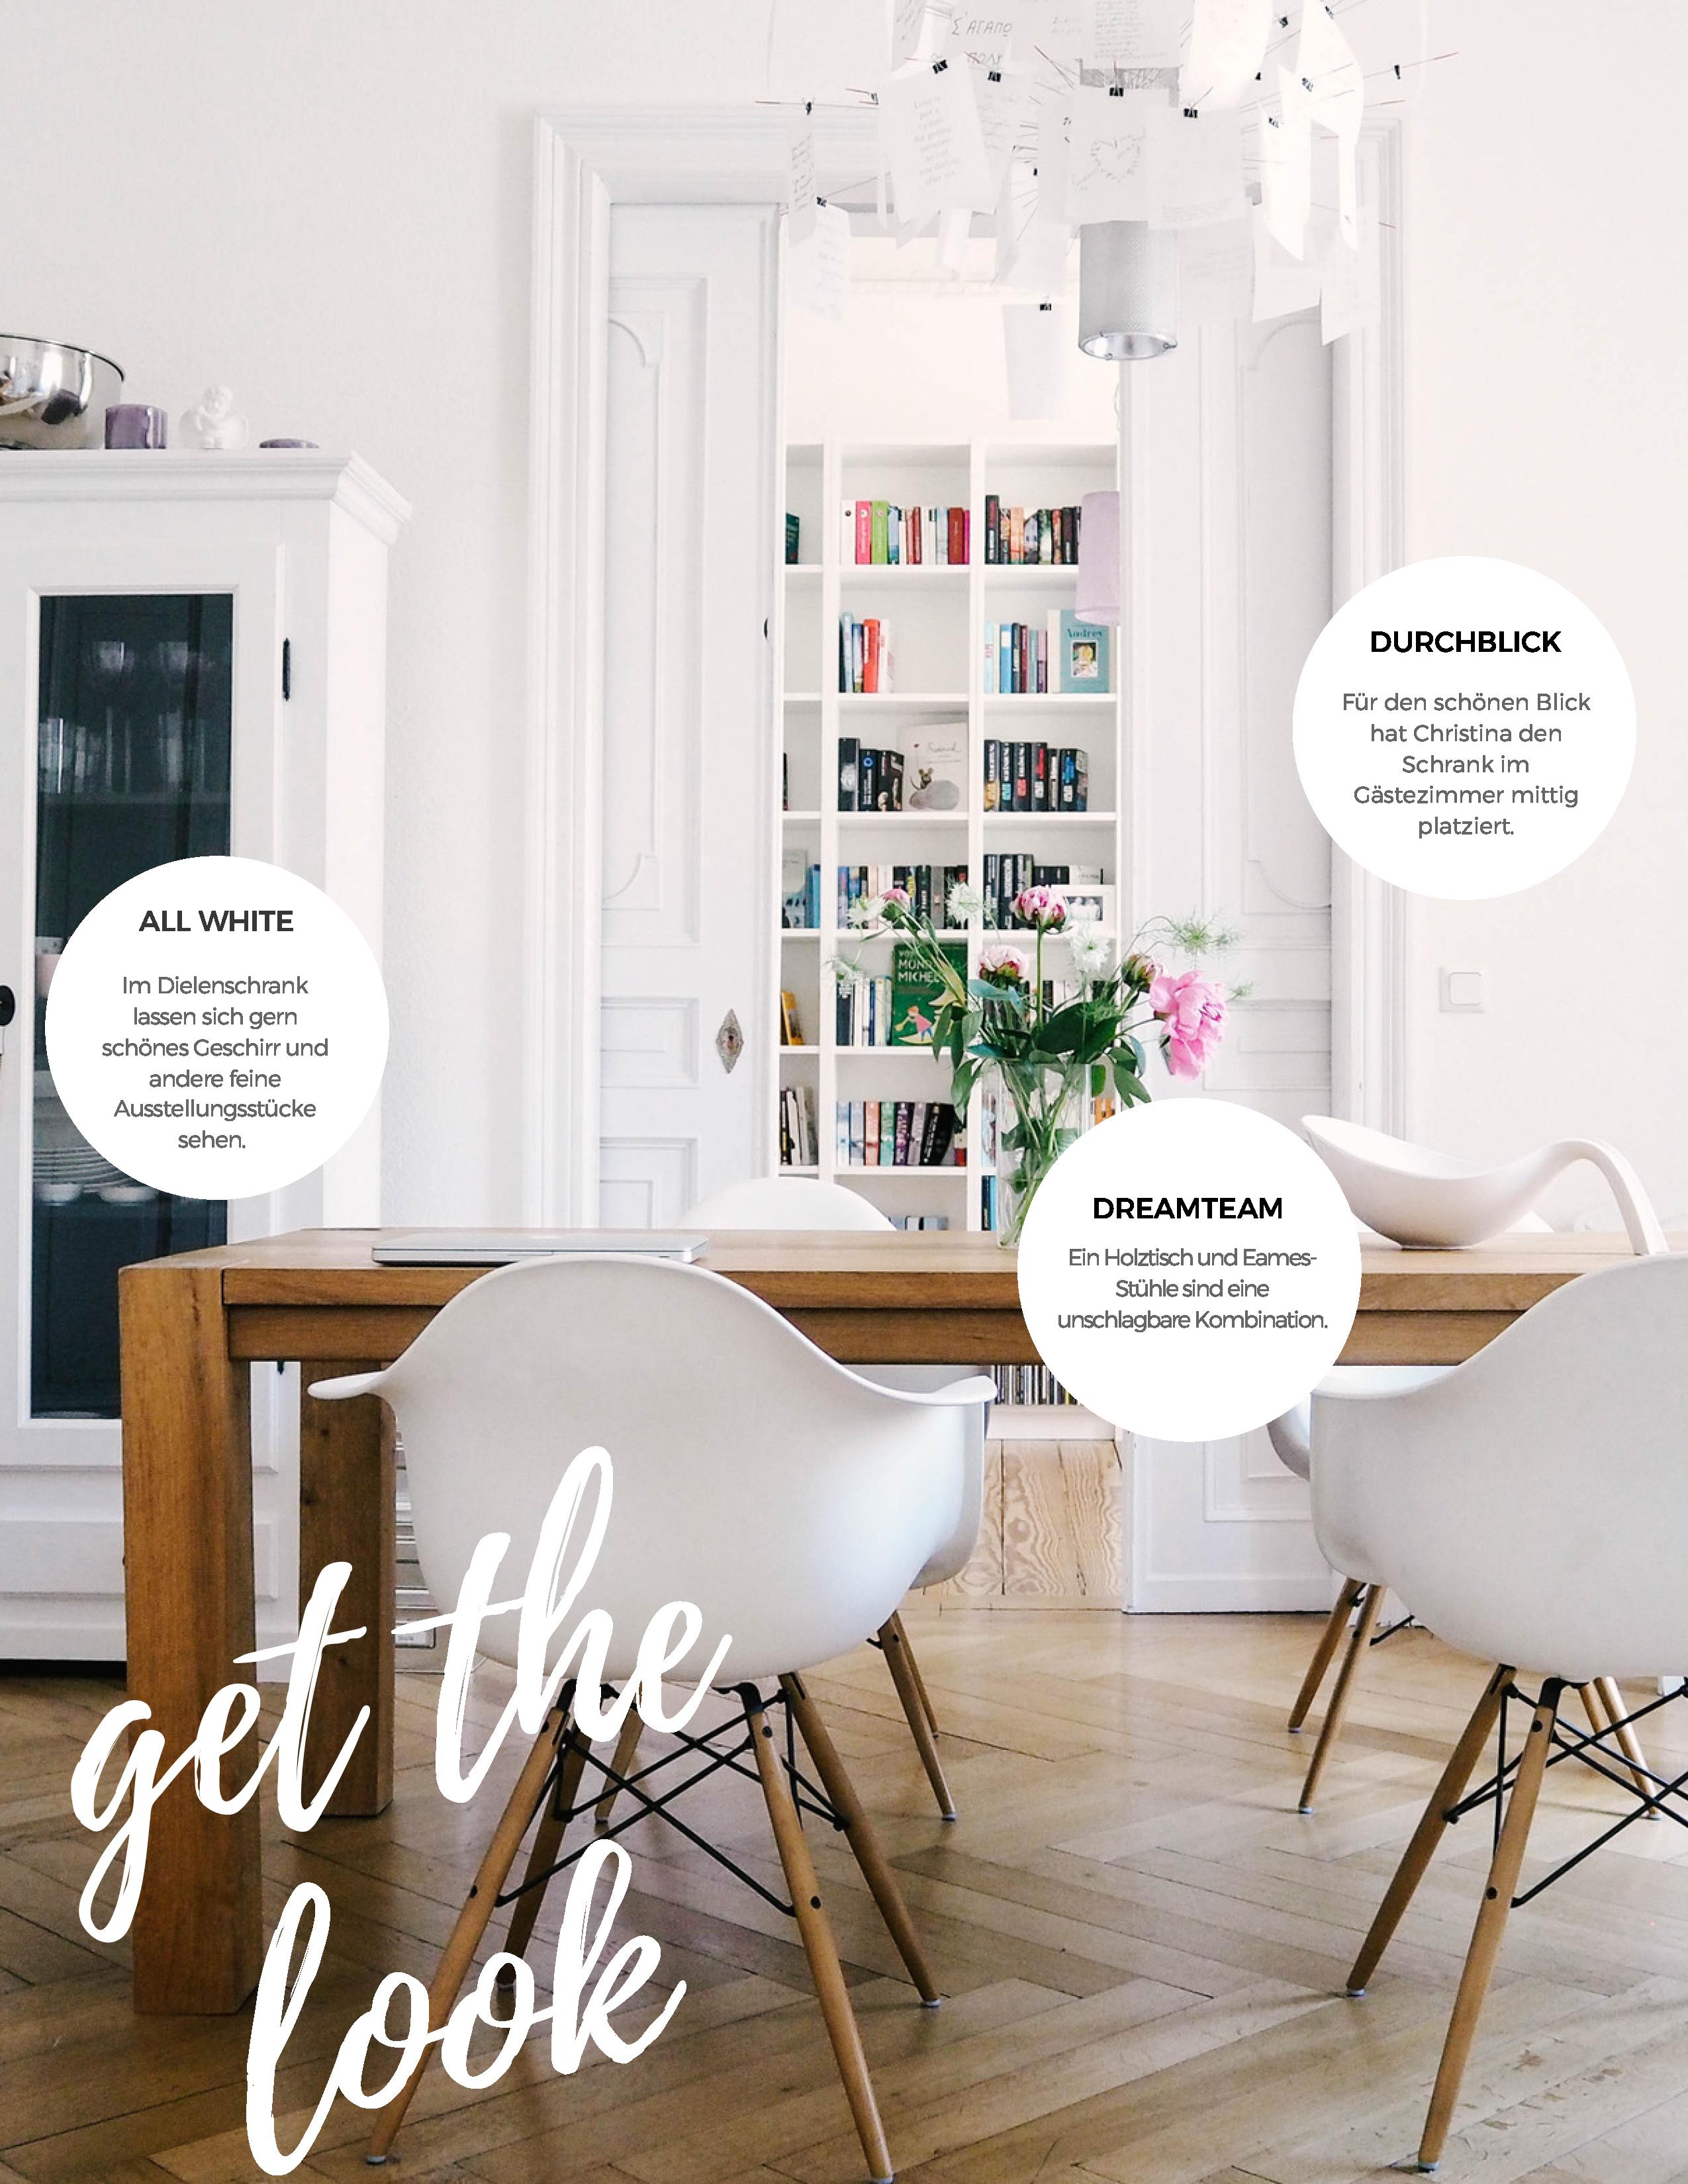 Lieblings-Blog-Wiesbaden-Homestory-Get-the-look